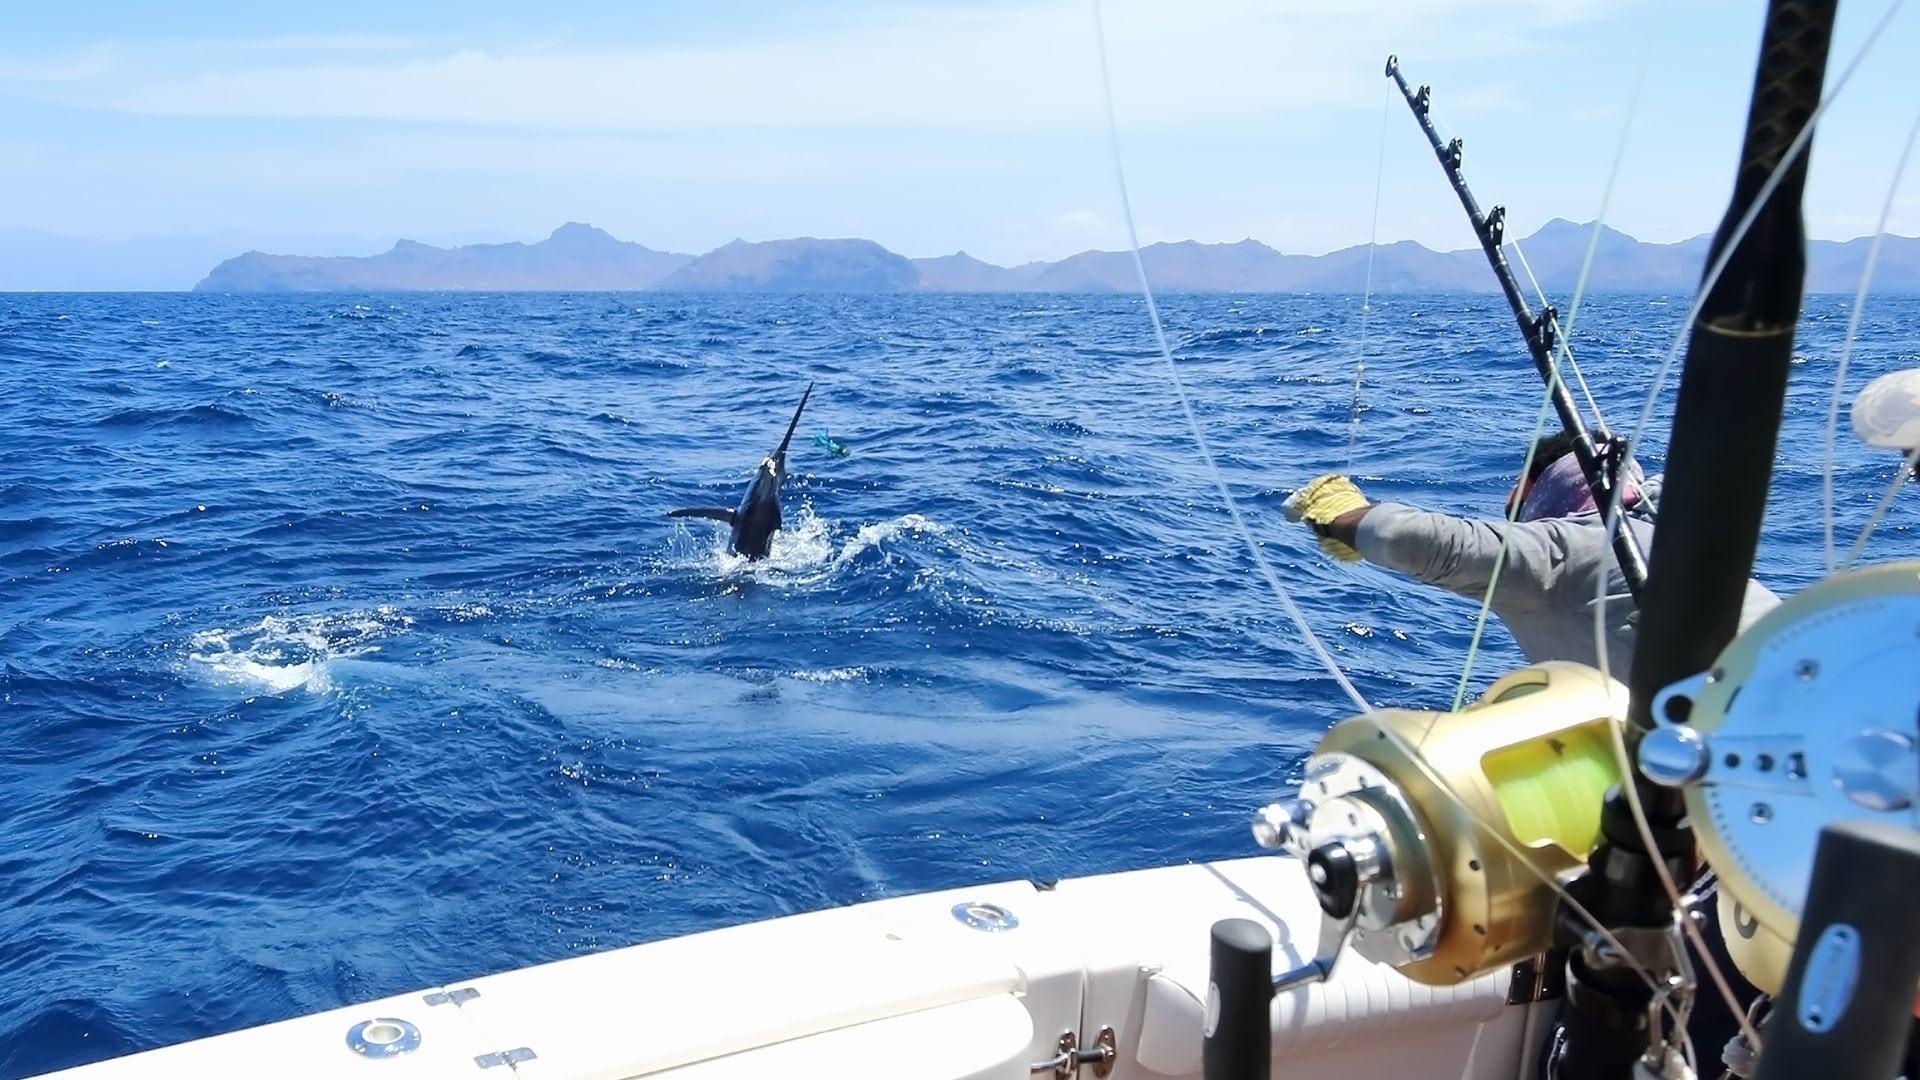 sip-bkg-sailfish-03.jpg